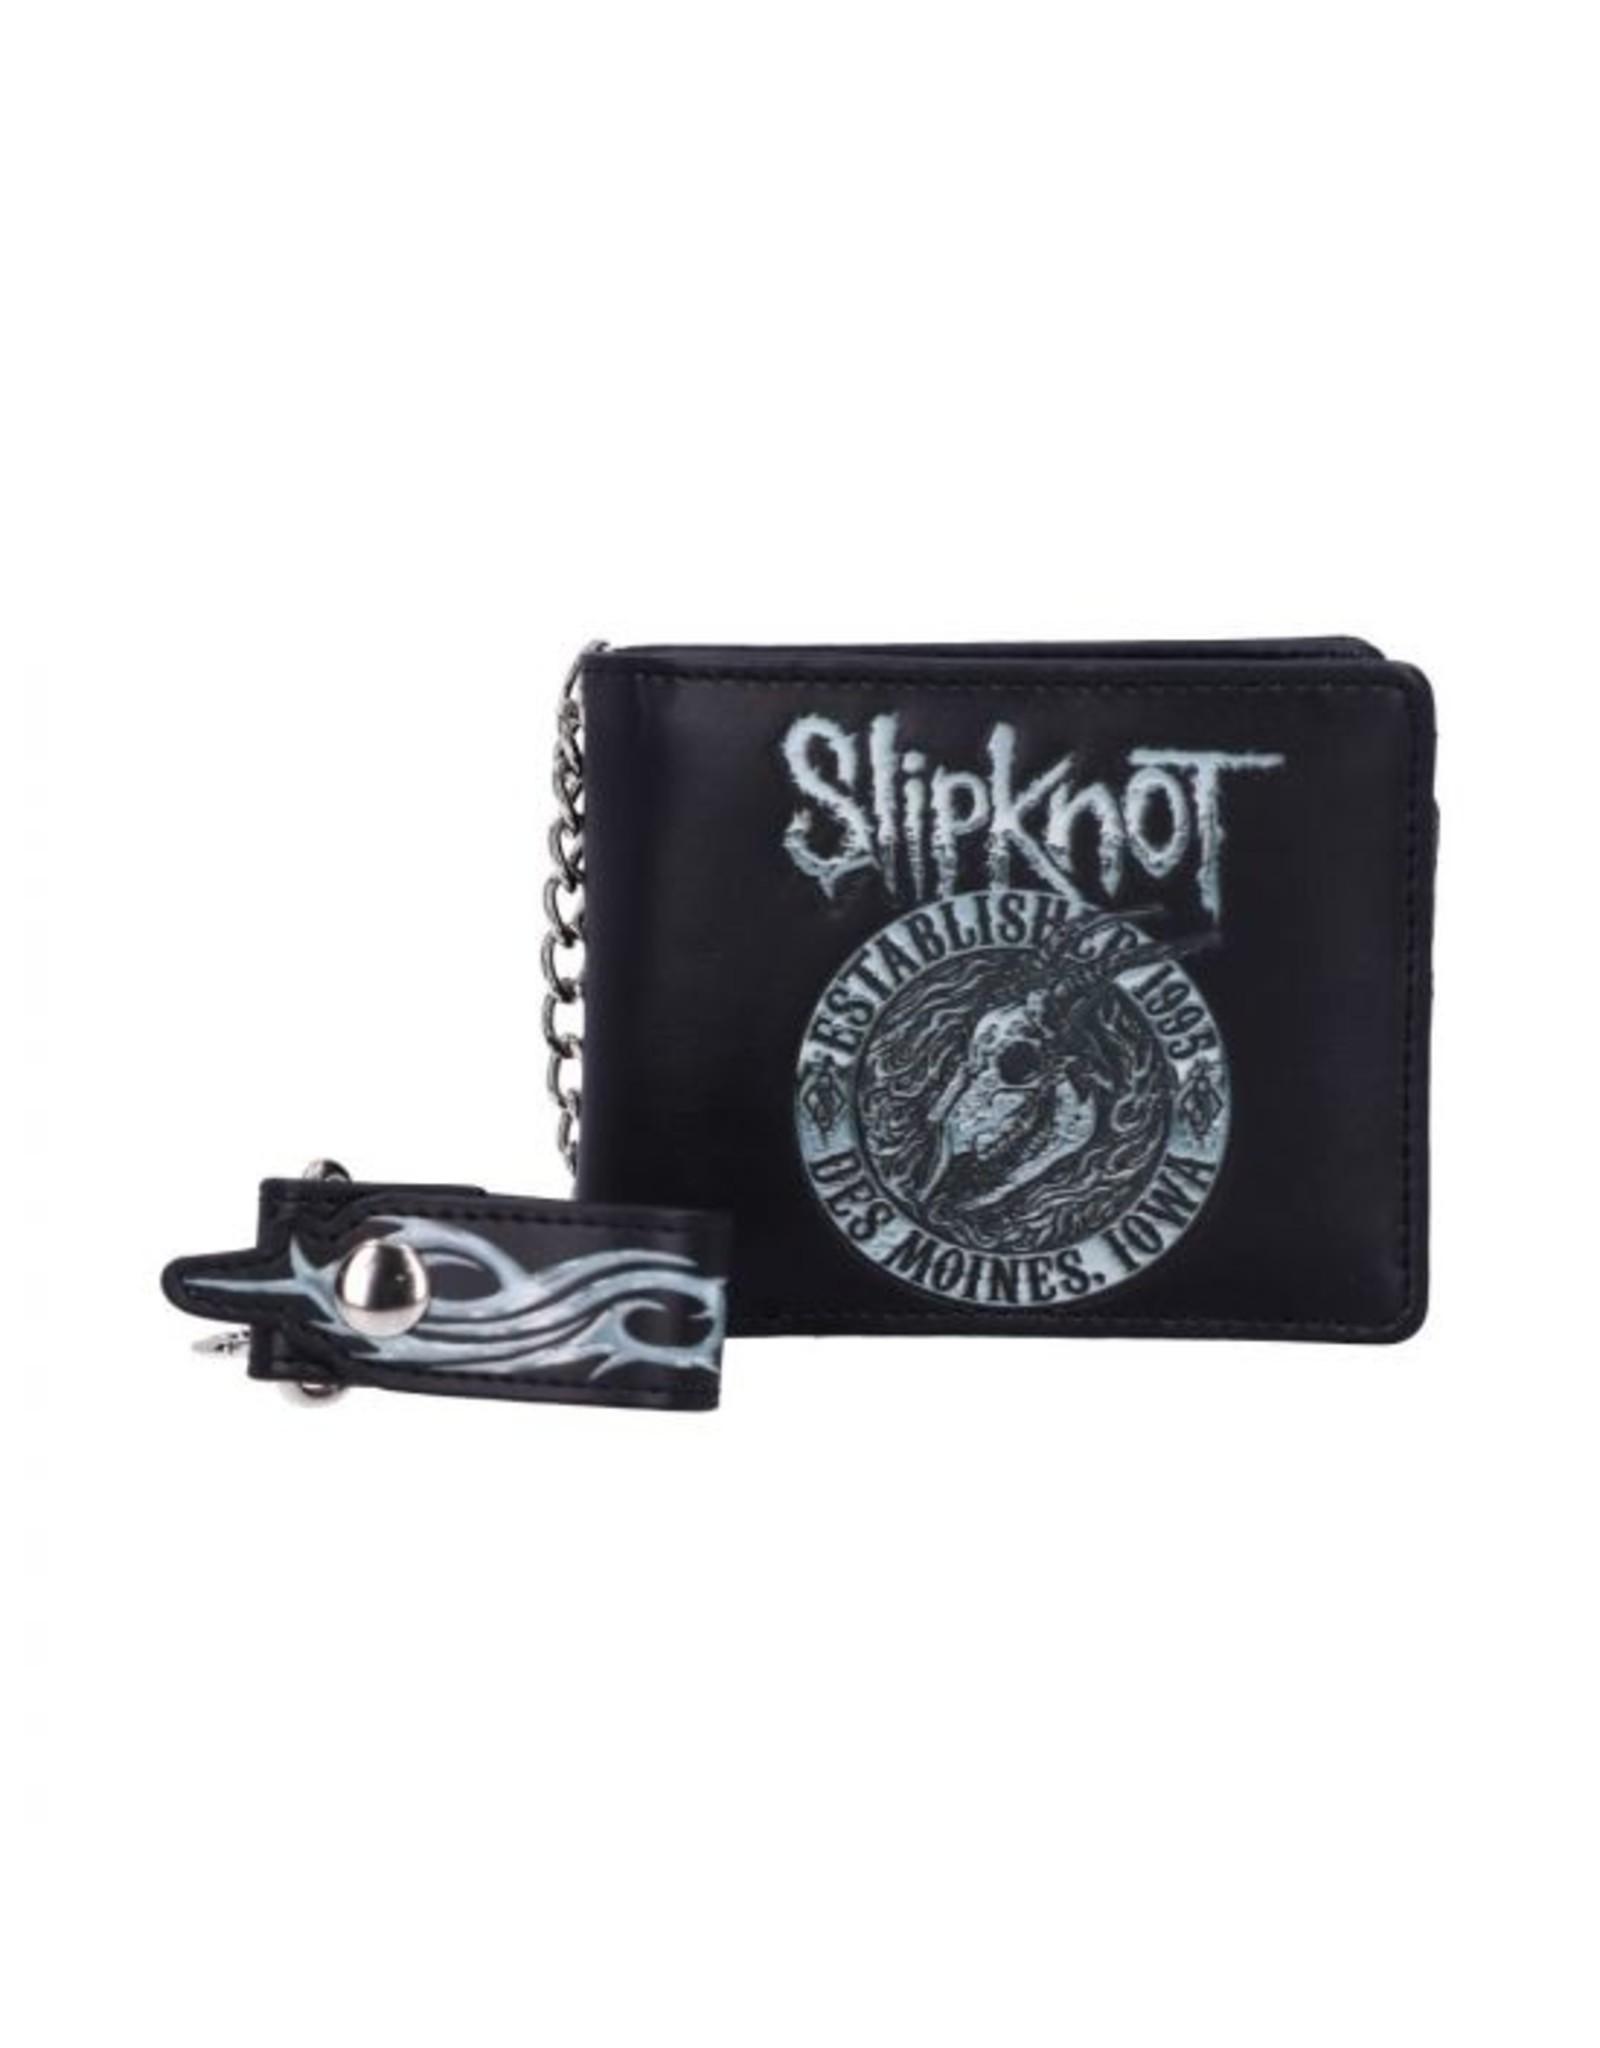 Slipknot Geldbeutel Slipknot Goat